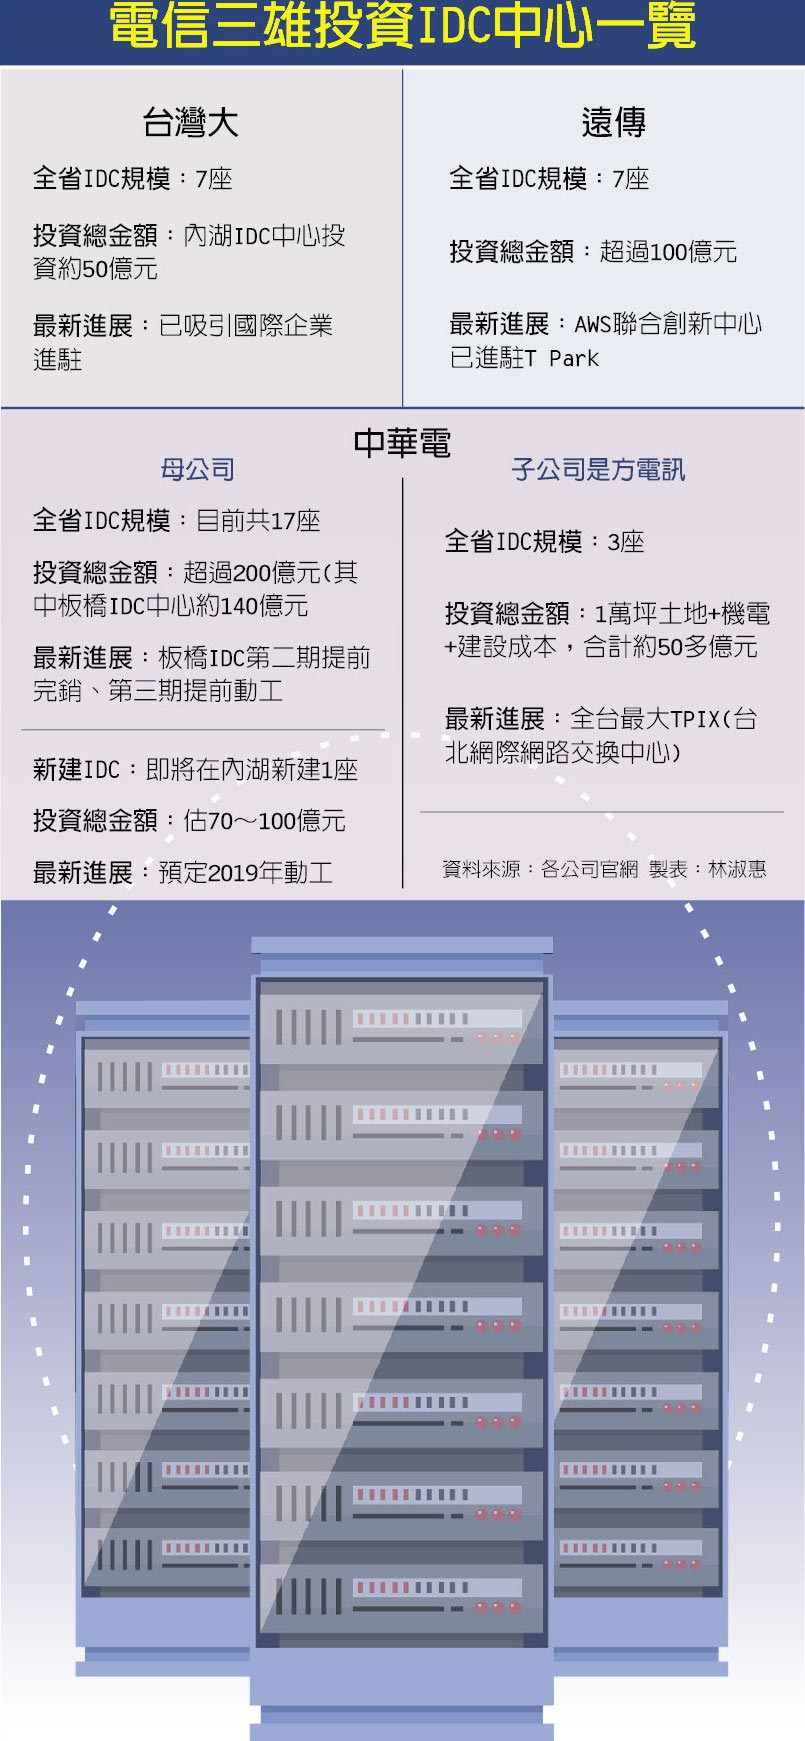 電信三雄投資IDC中心一覽